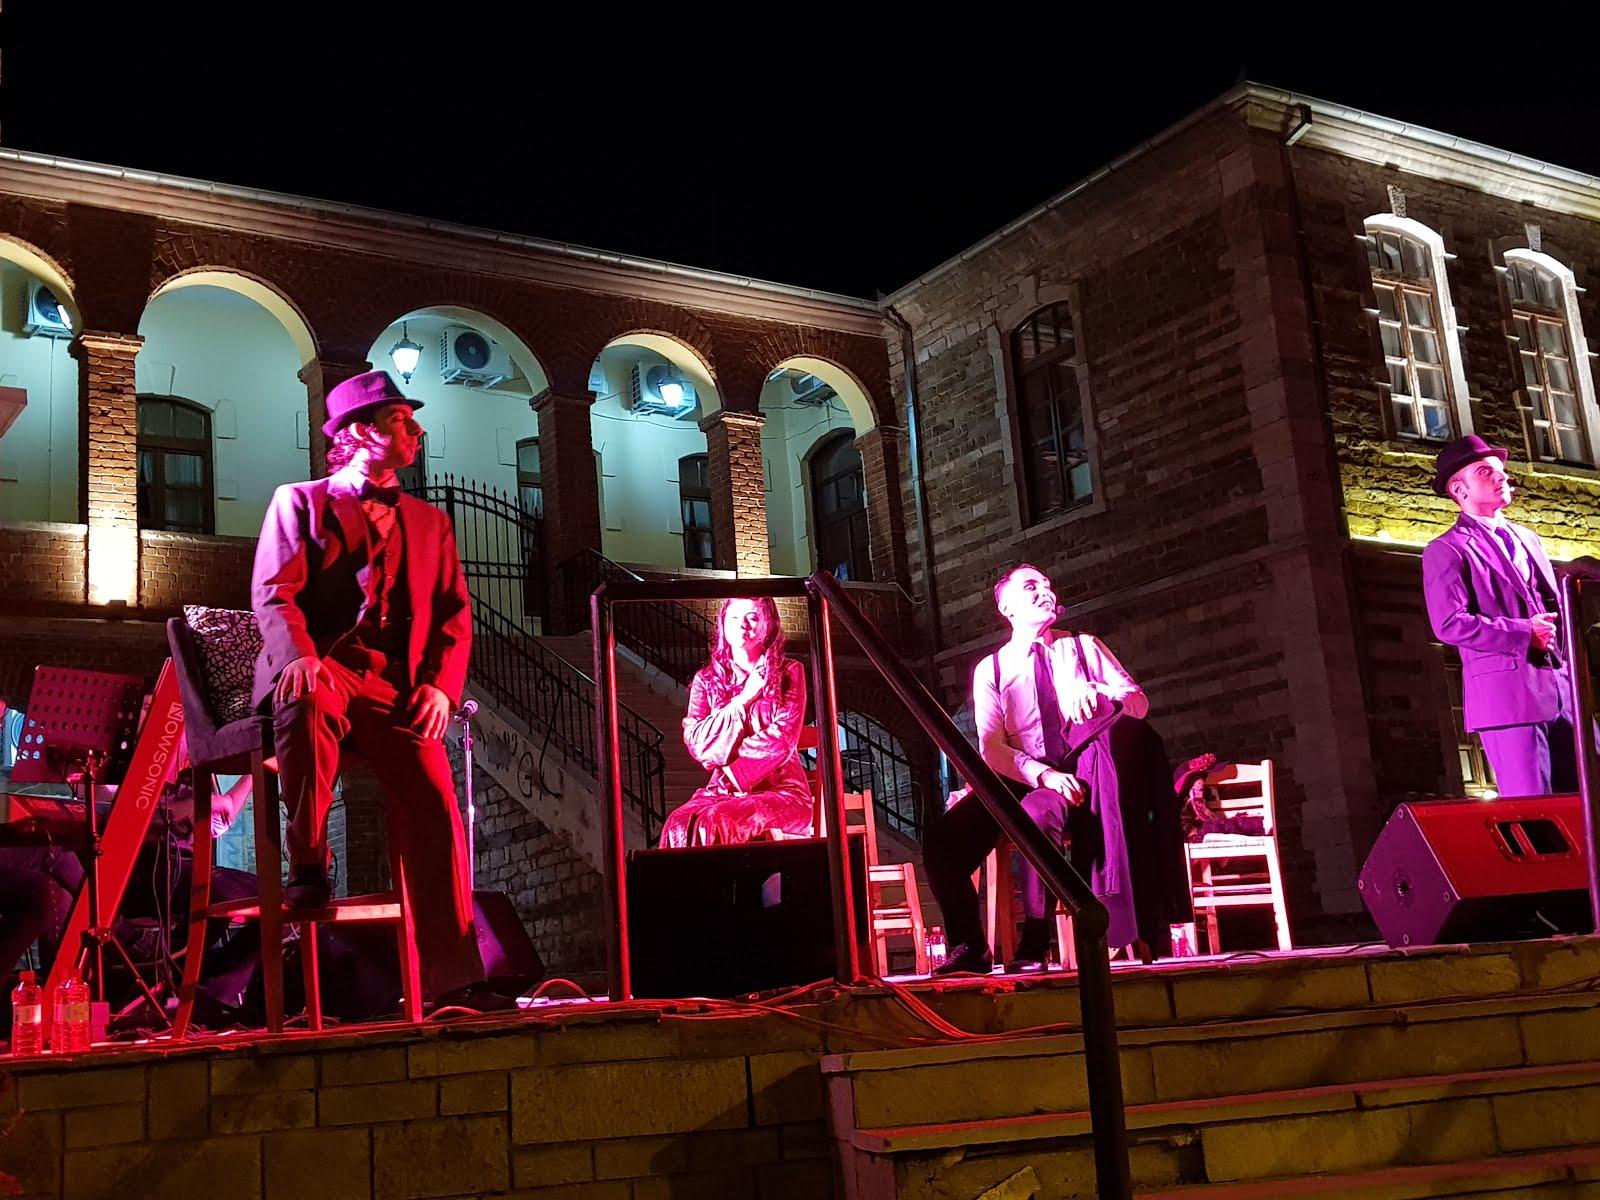 Πλήθος κόσμου στη μουσικοθεατρική παράσταση «Σουγιούλ για ένα βράδυ»